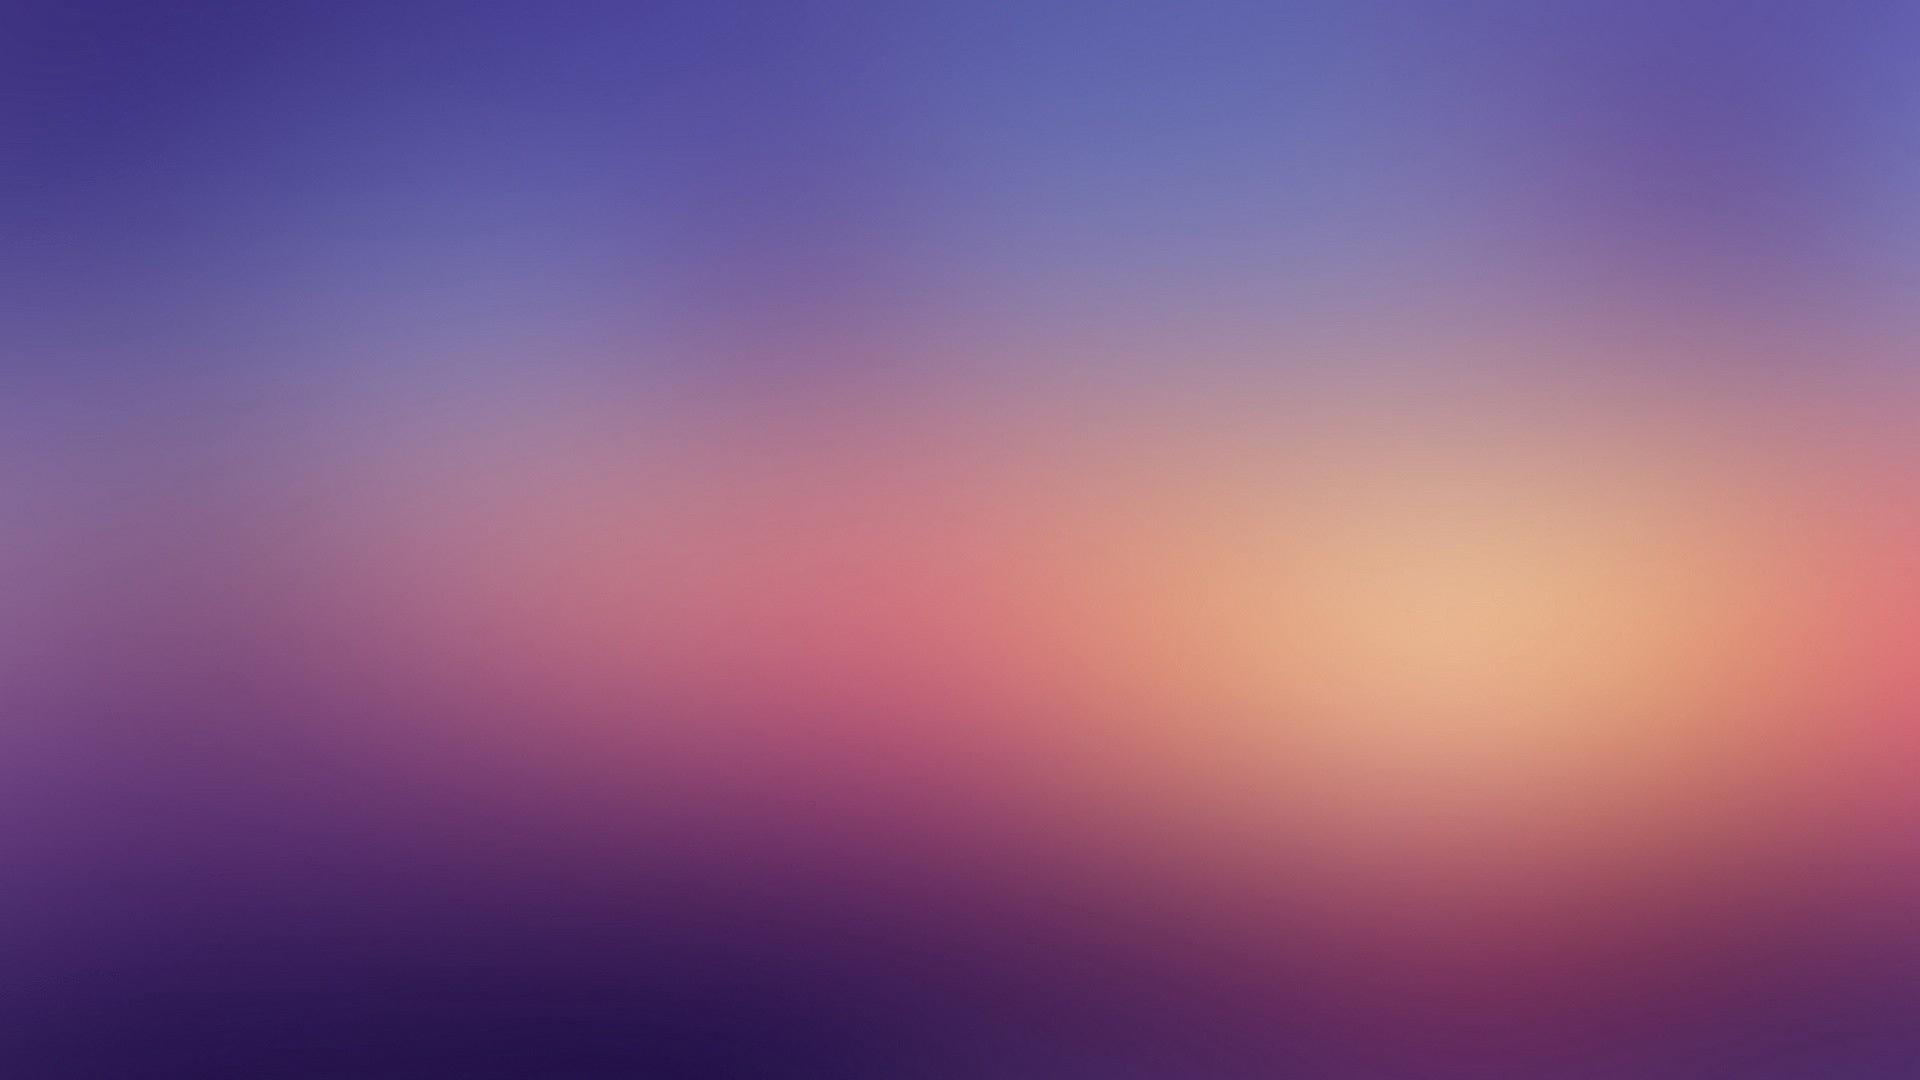 94105 Hintergrundbild herunterladen Abstrakt, Hintergrund, Licht, Unschärfe, Glatt, Hell Gefärbt, Flecken, Spots - Bildschirmschoner und Bilder kostenlos